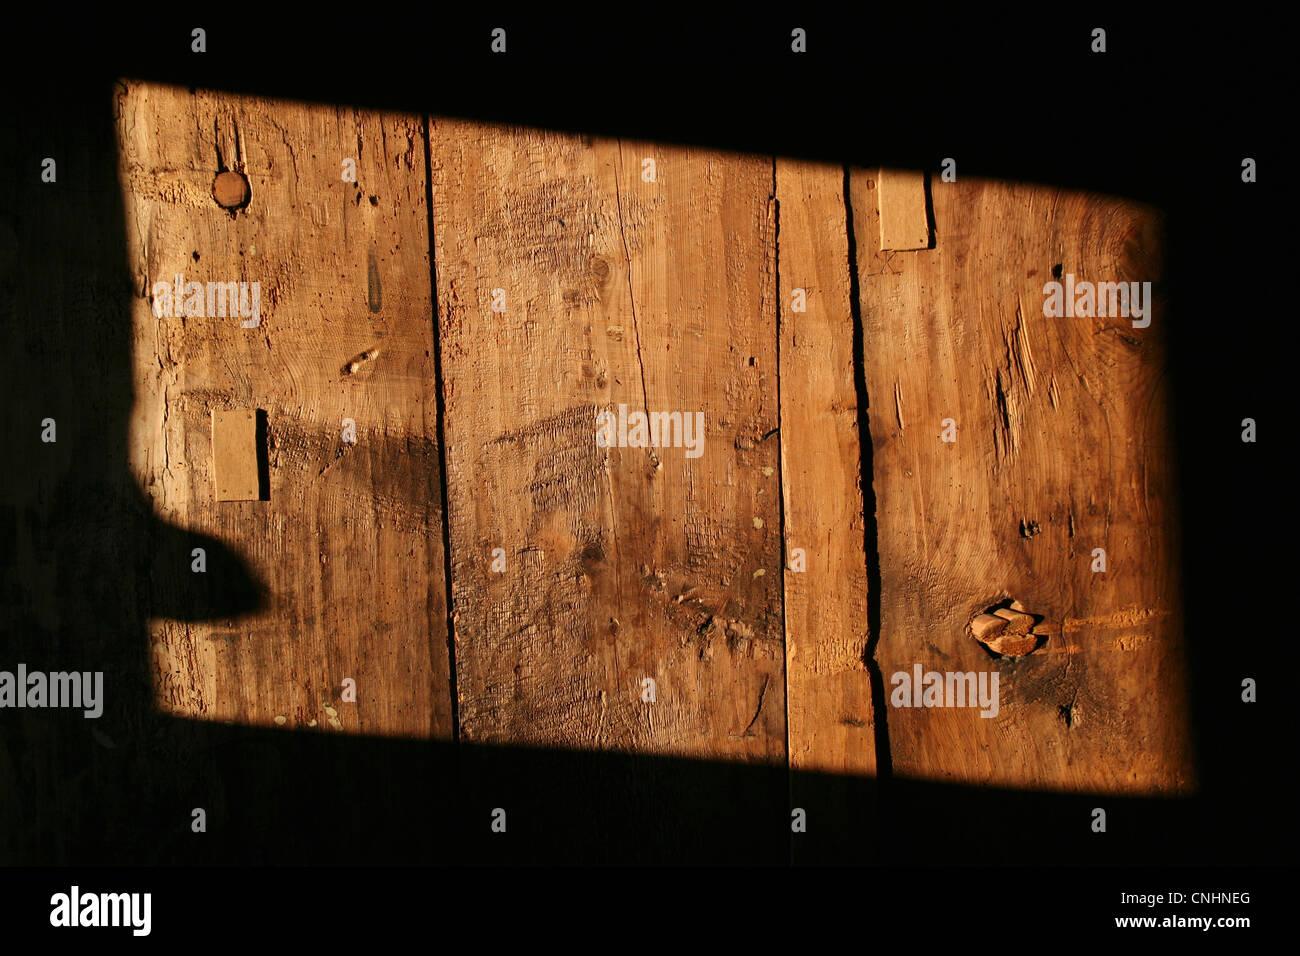 Una forma de rectángulo de luz solar sobre una estructura de madera, close-up Imagen De Stock